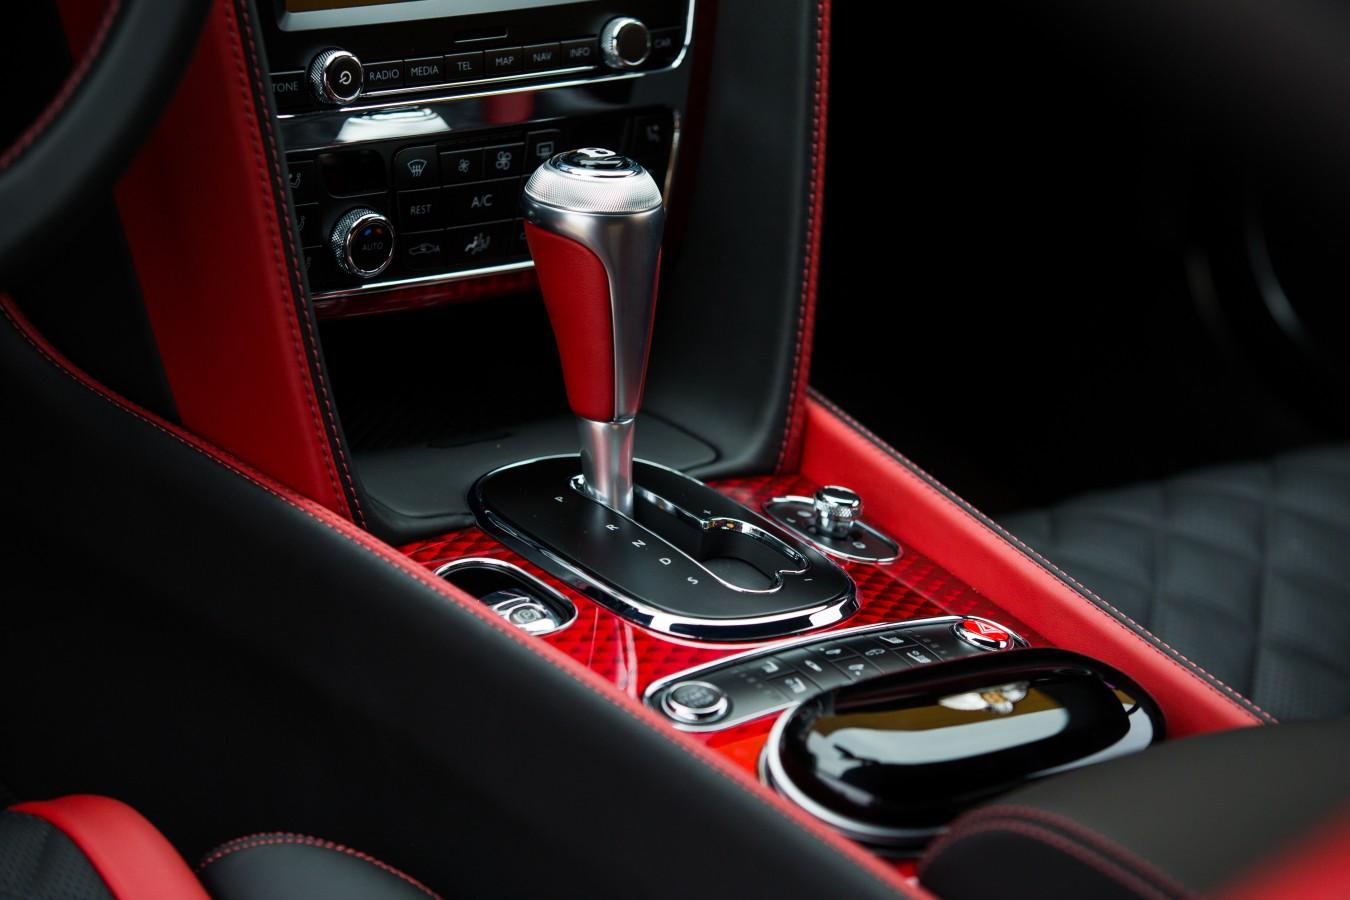 ЭКСКЛЮЗИВНАЯ ЛИМИТИРОВАННАЯ СЕРИЯ  BENTLEY CONTINENTAL GT V8 S  KOBRA EDITION II - изображение NICK3957 на Bentleymoscow.ru!